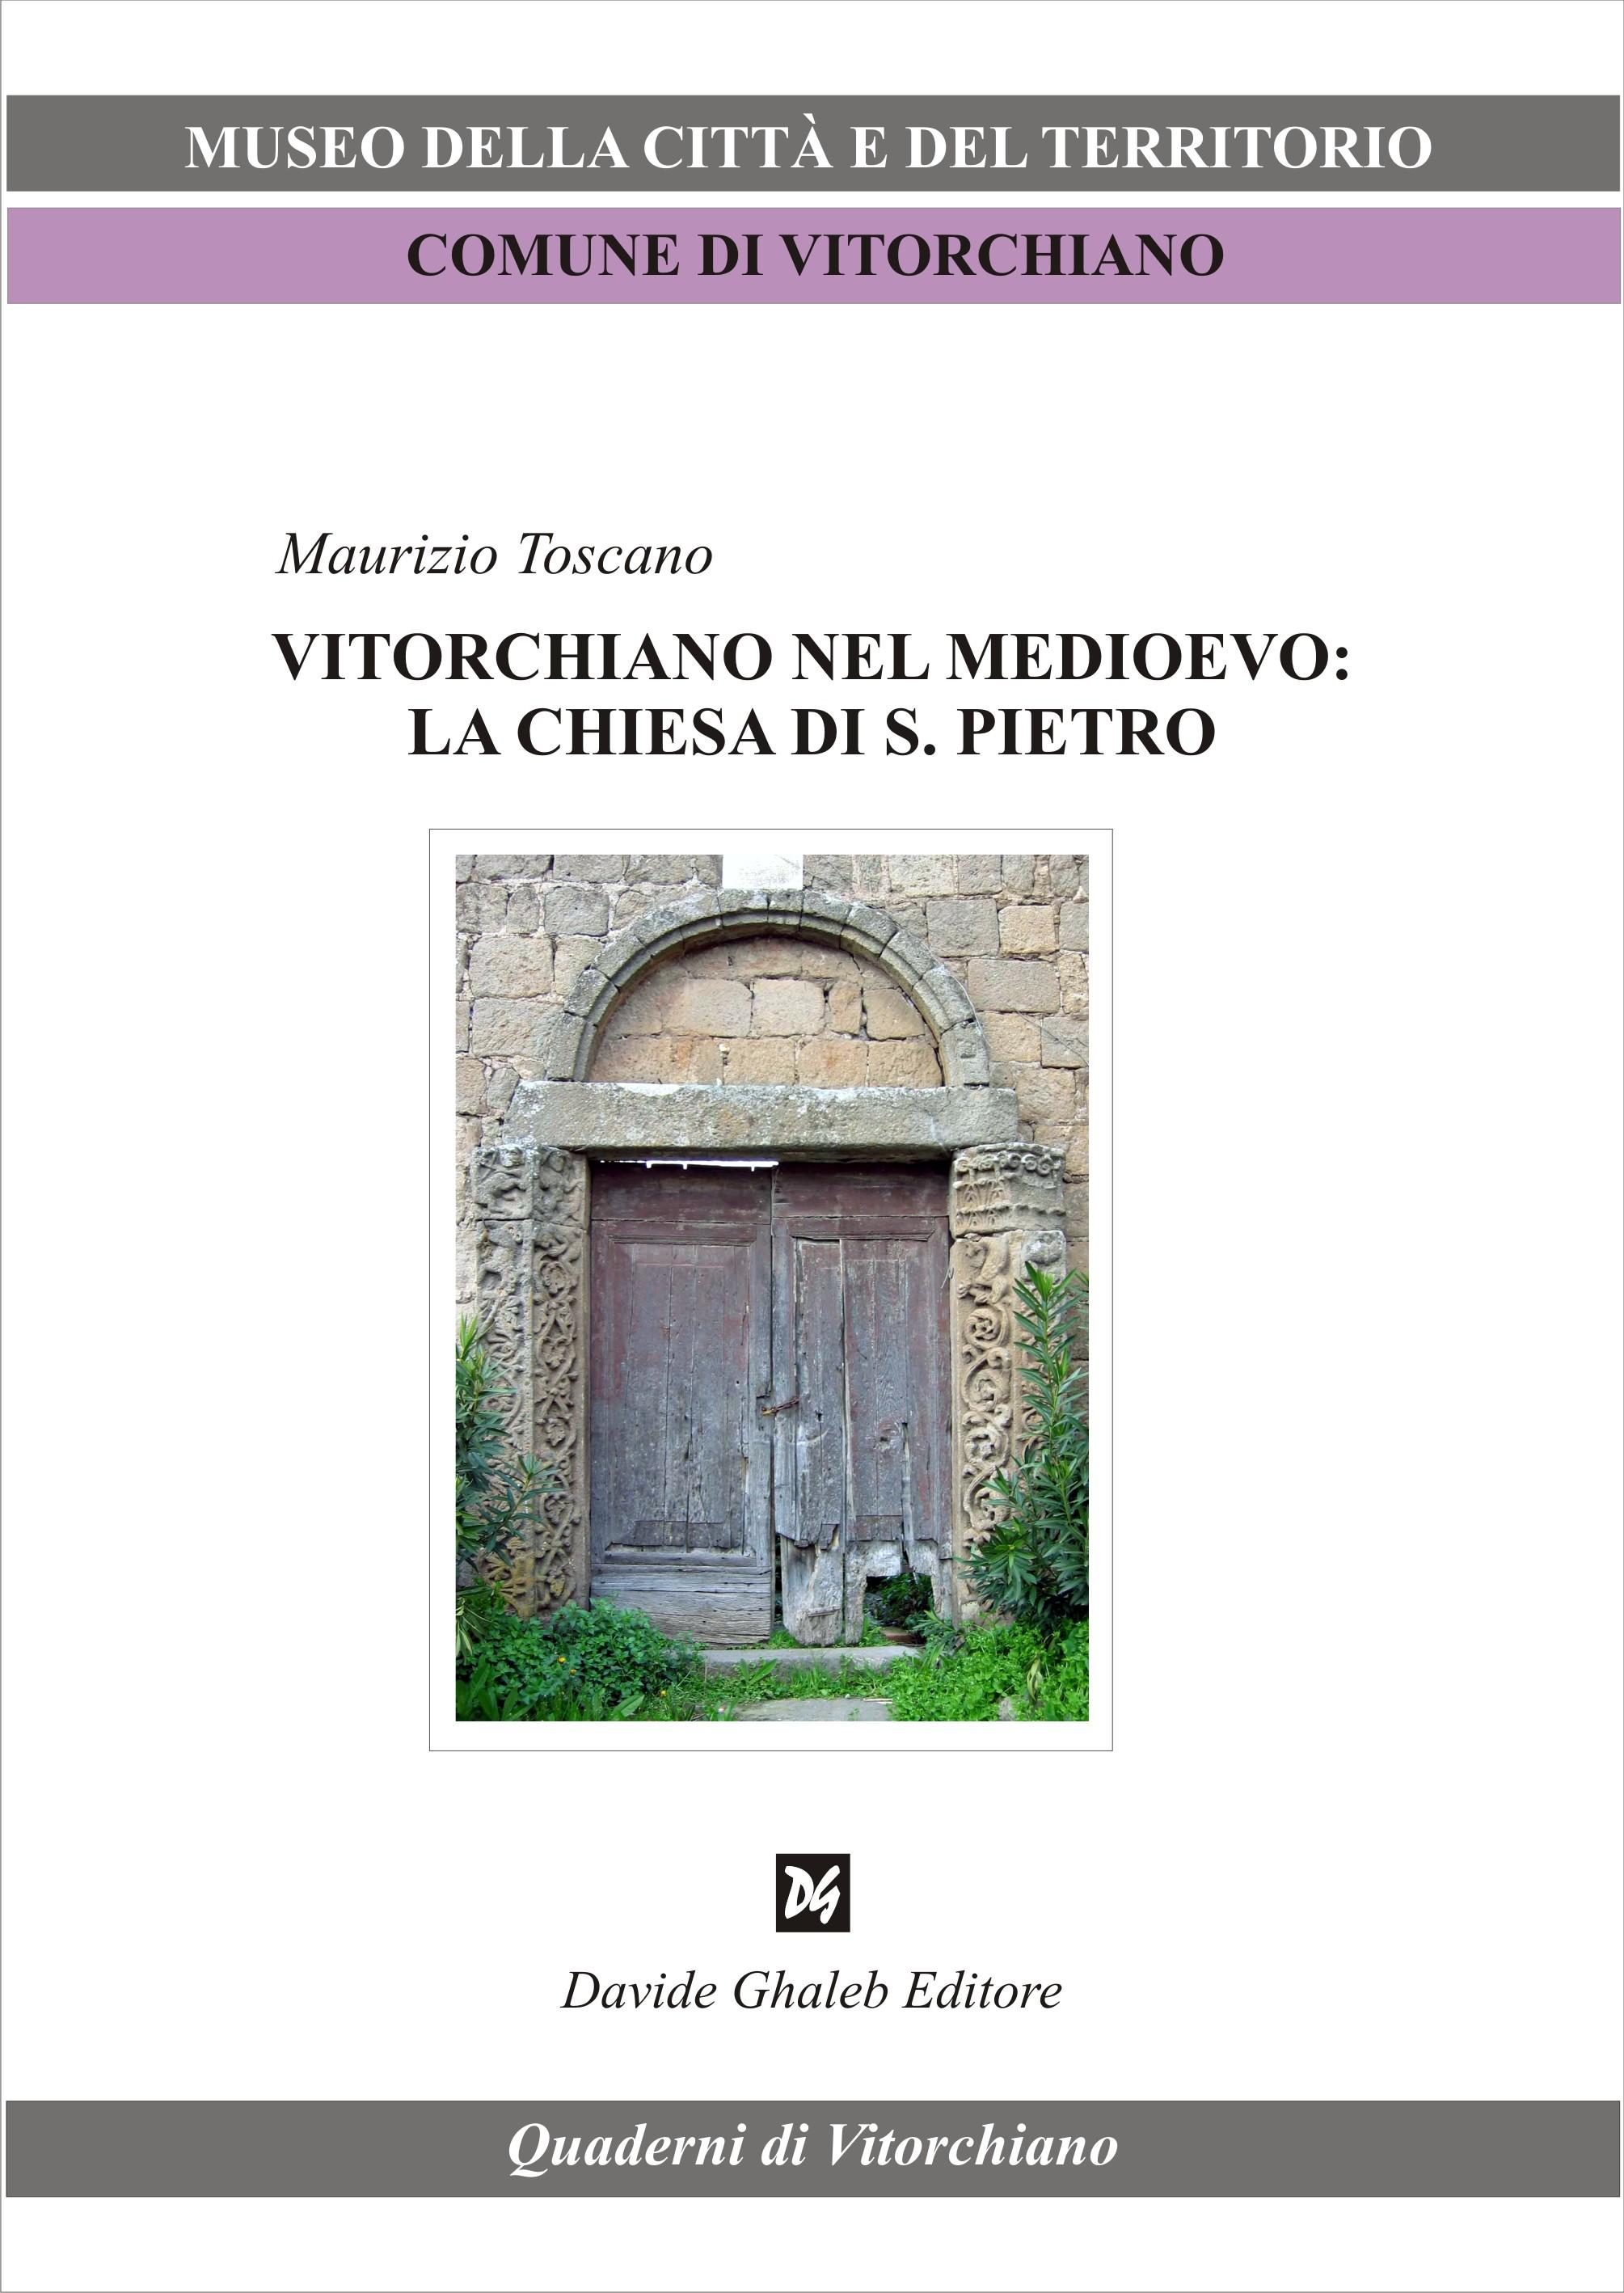 Vitorchiano nel Medioevo